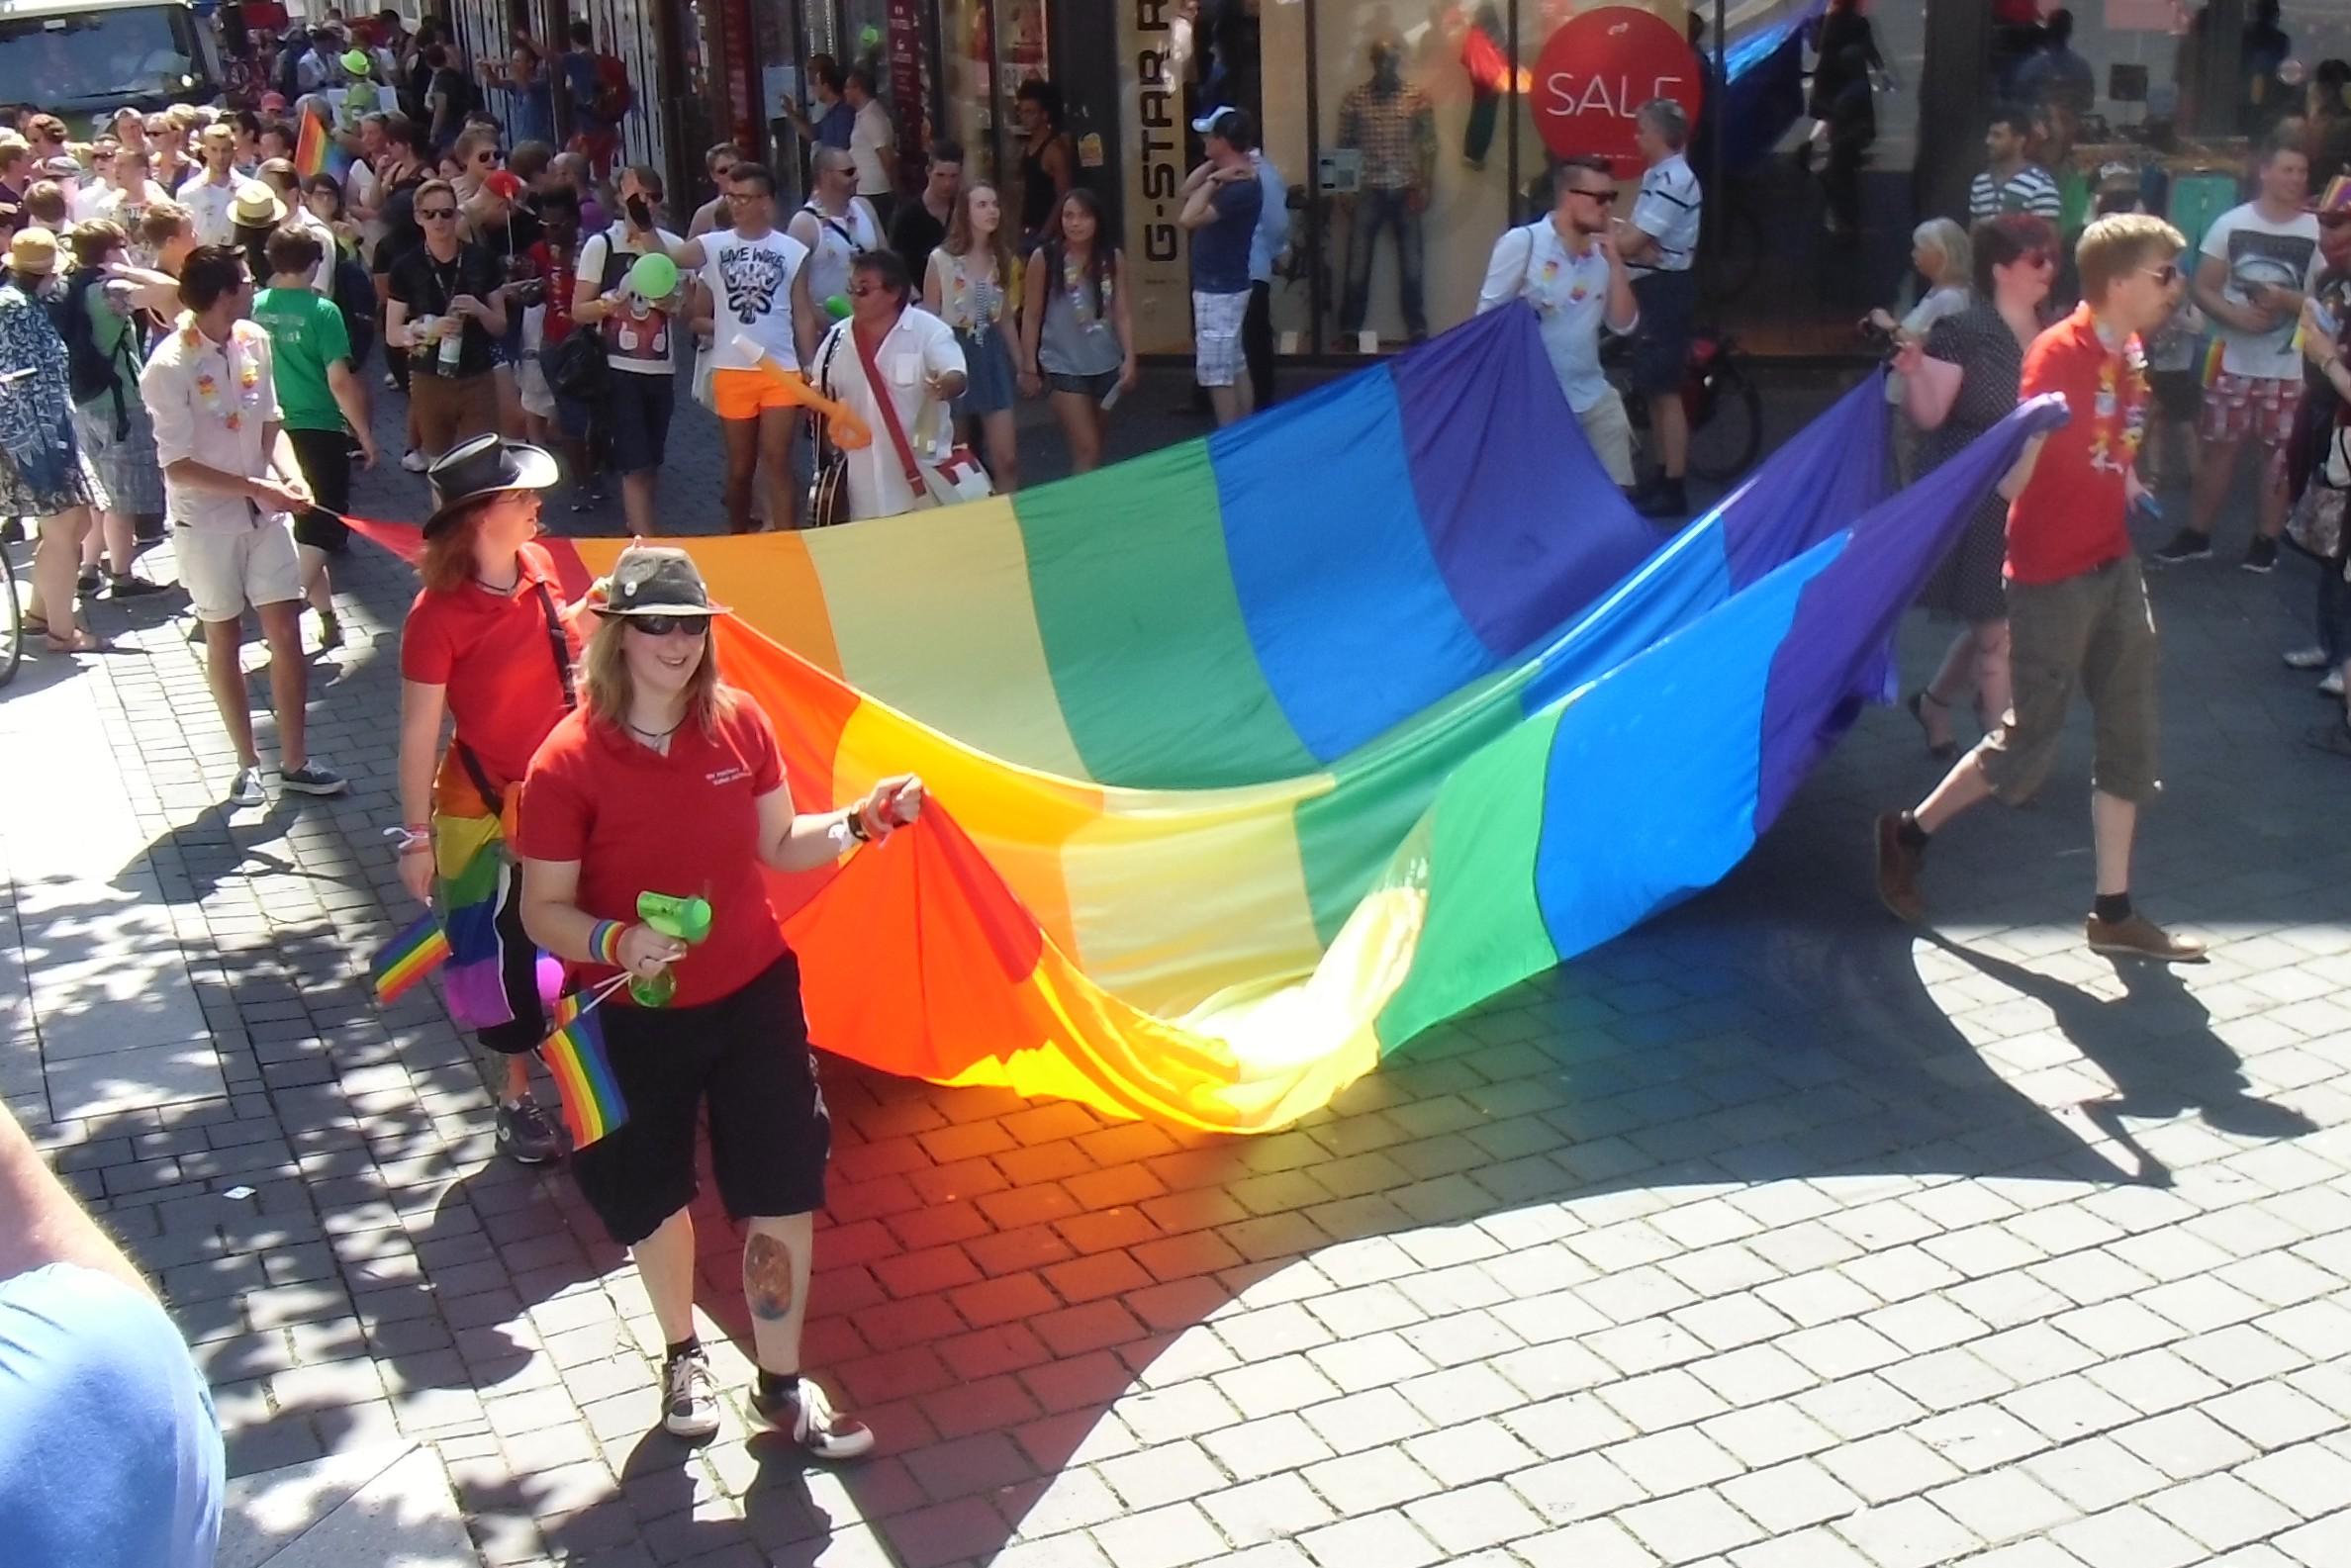 Große Regenbogenfahne auf Parade